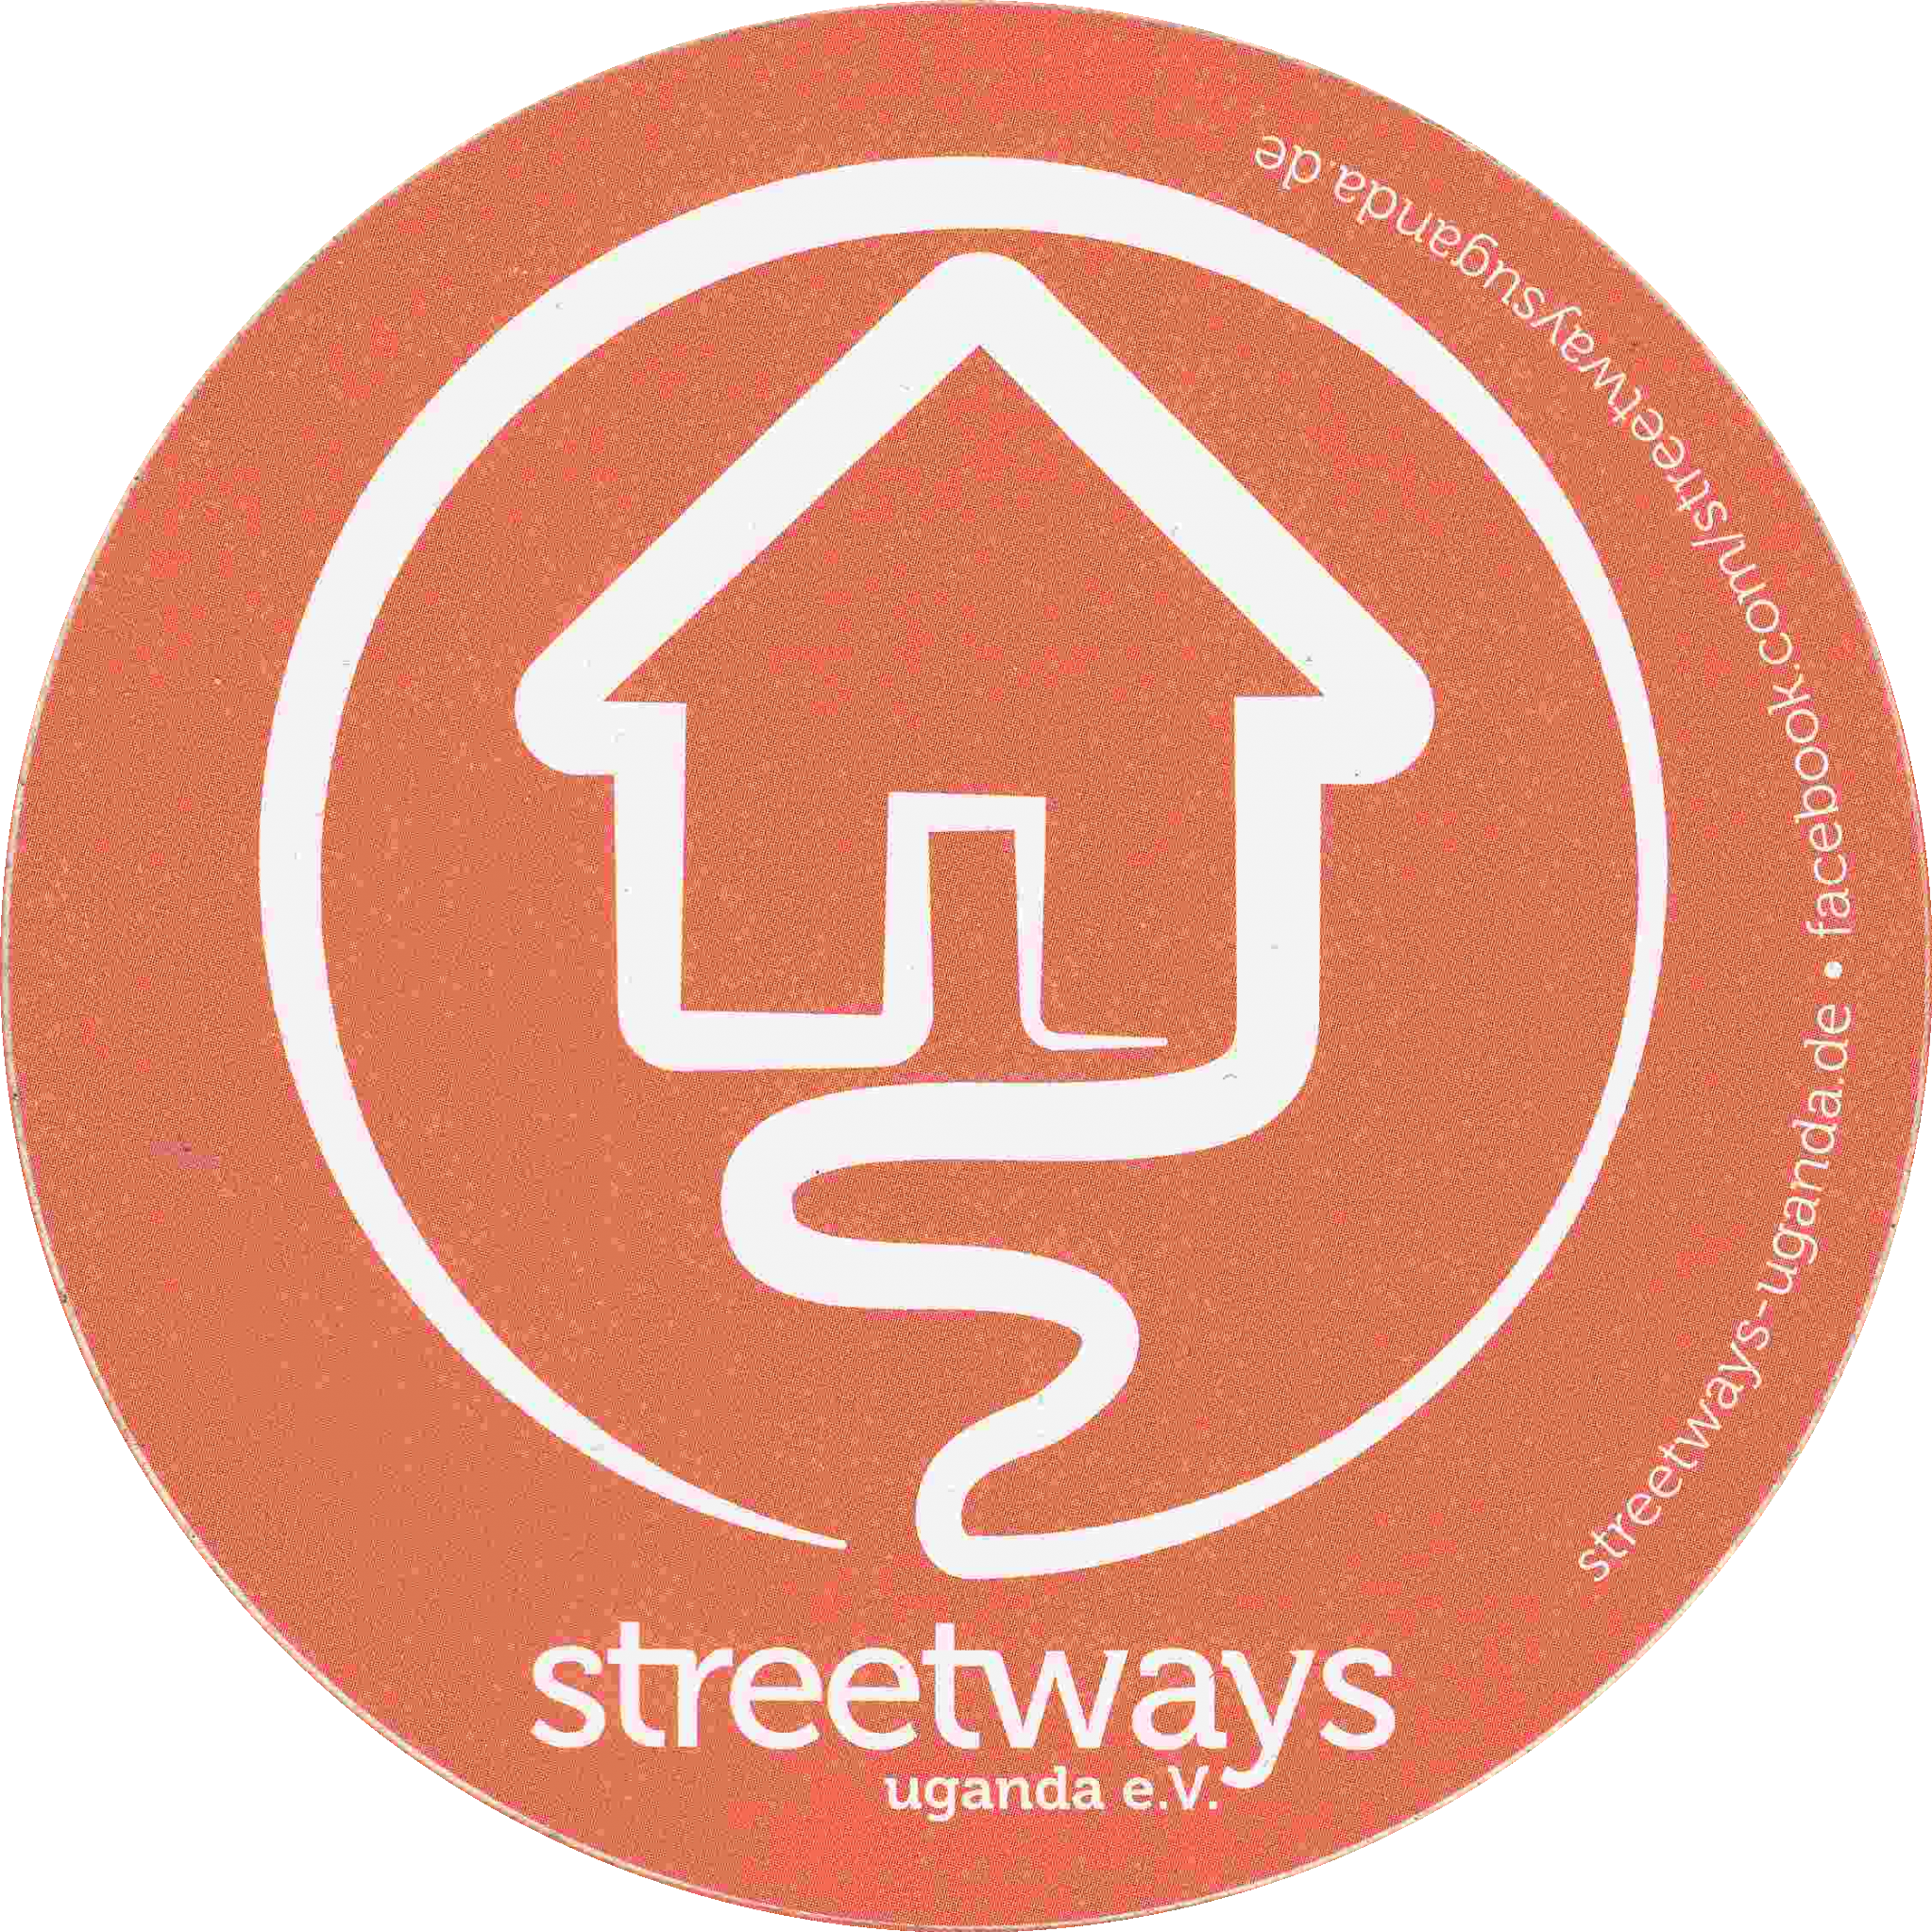 Streetways Uganda e.V.